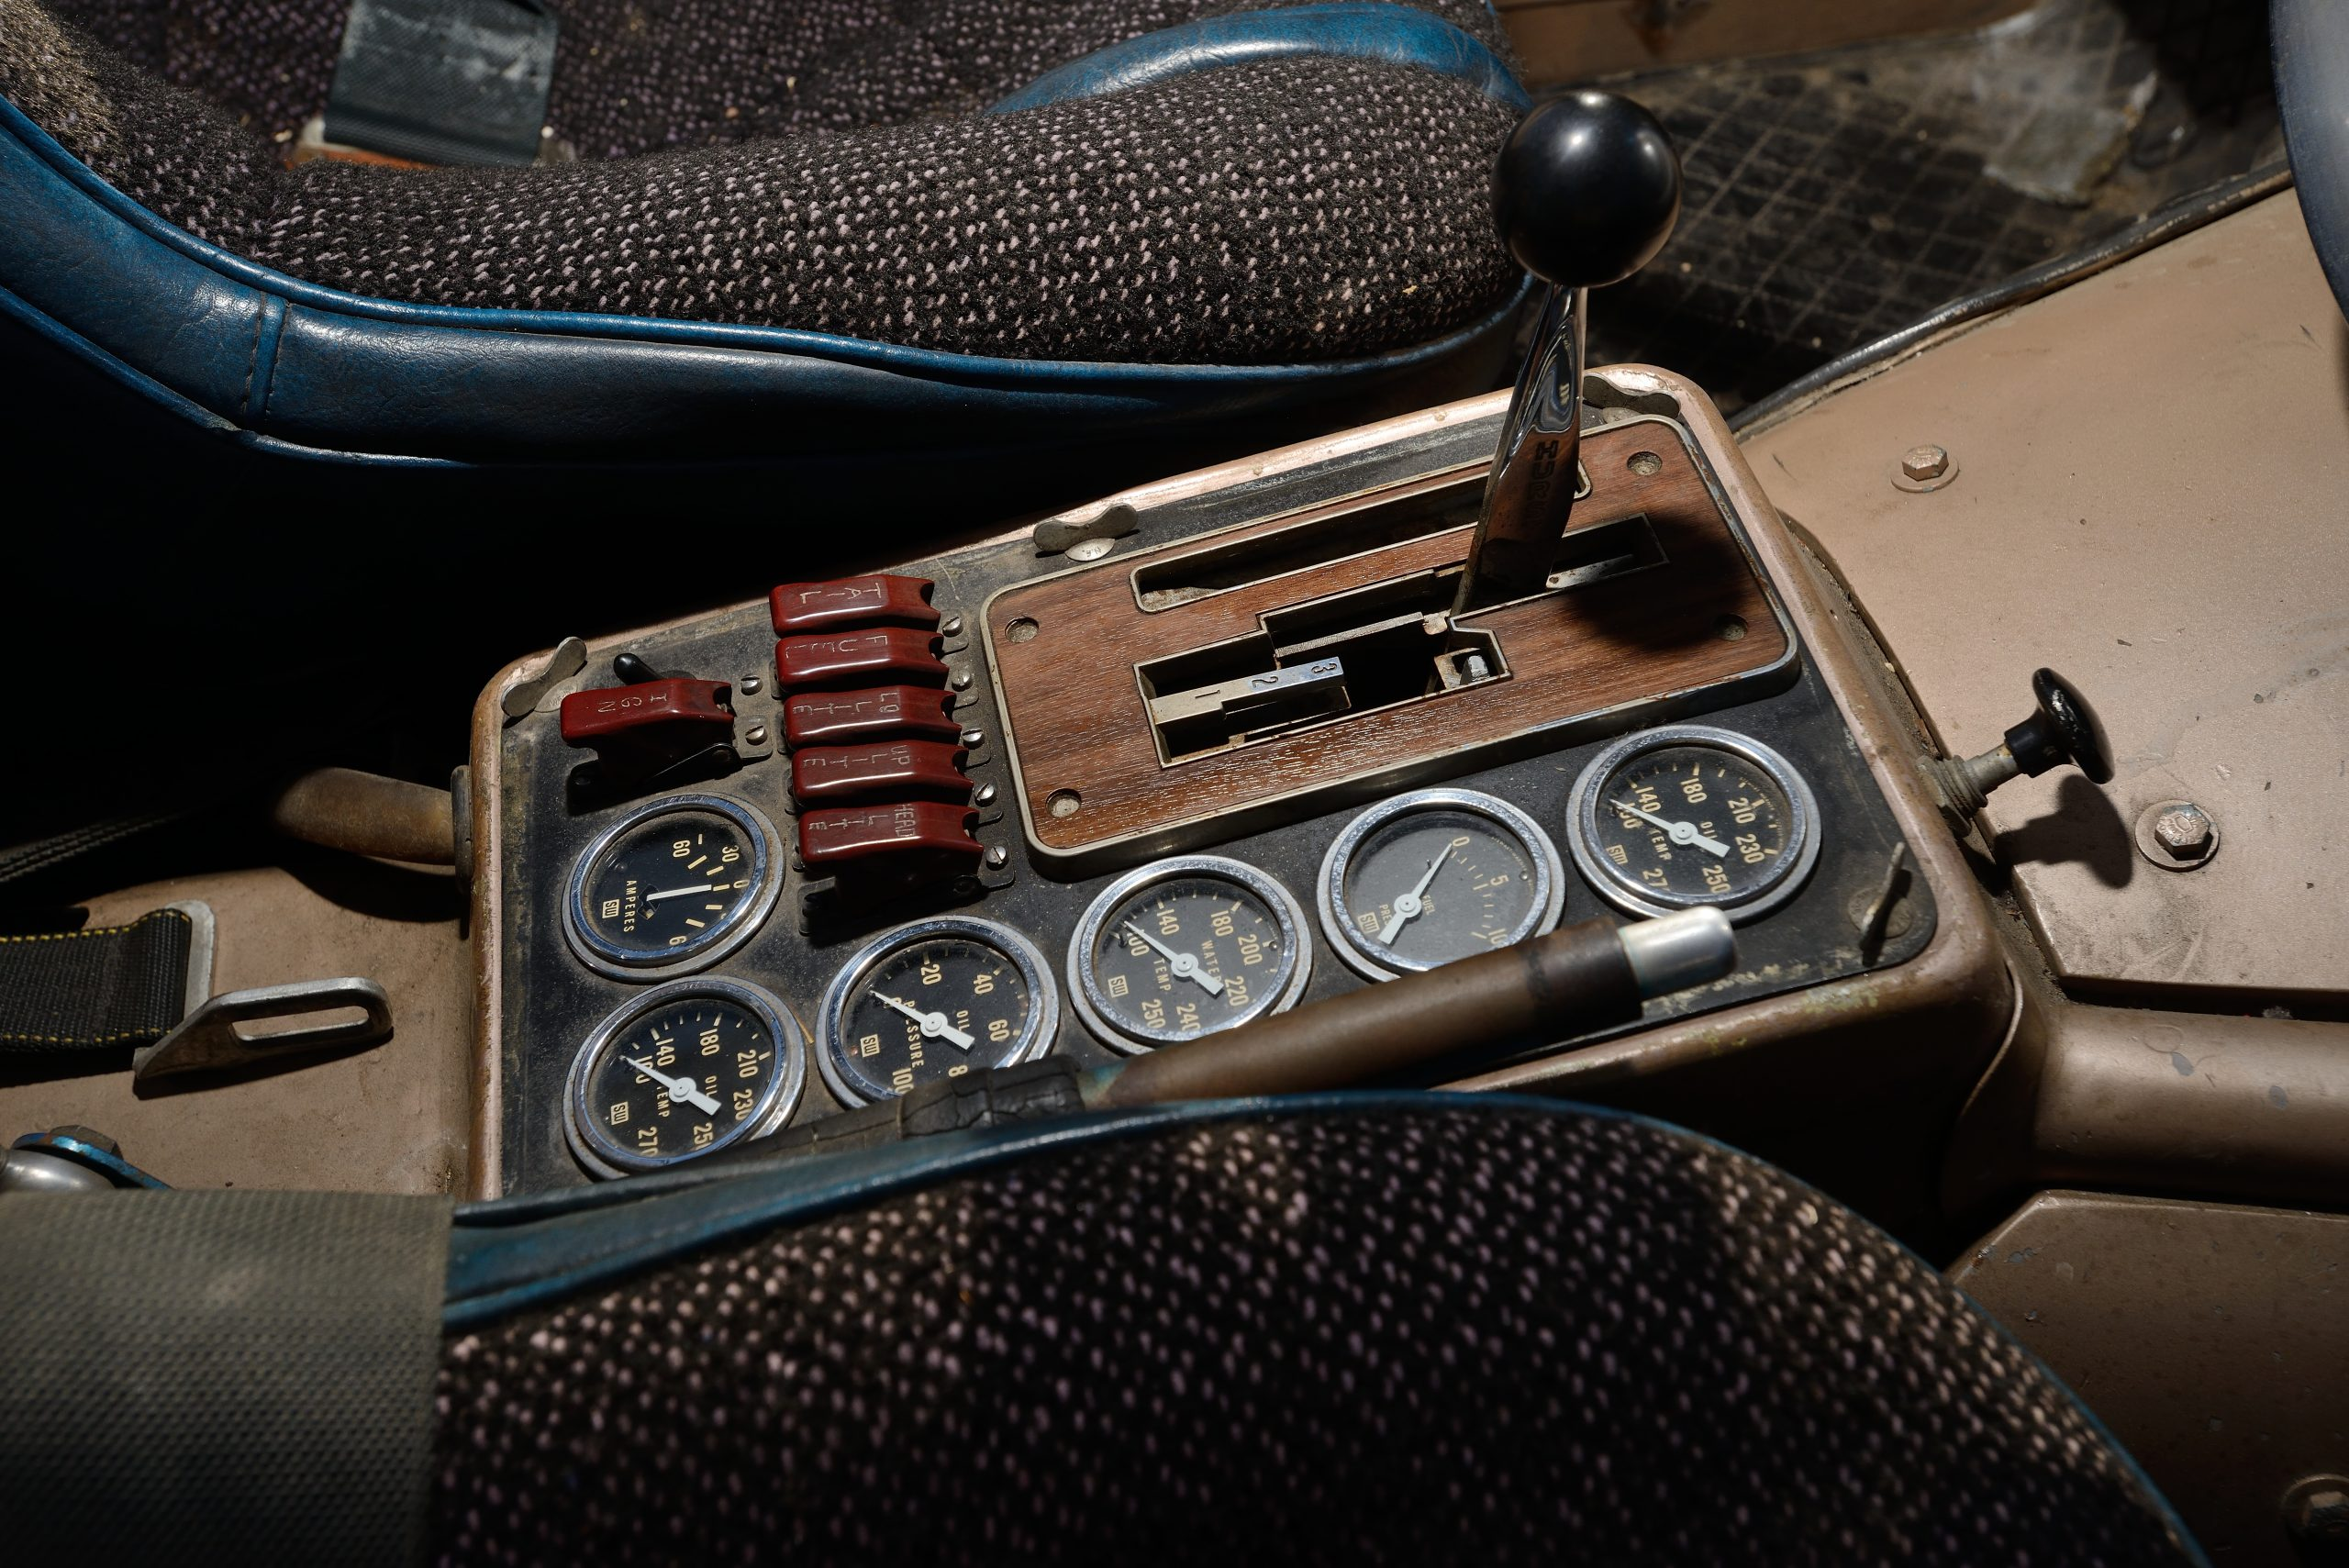 Big Oly Bronco interior console